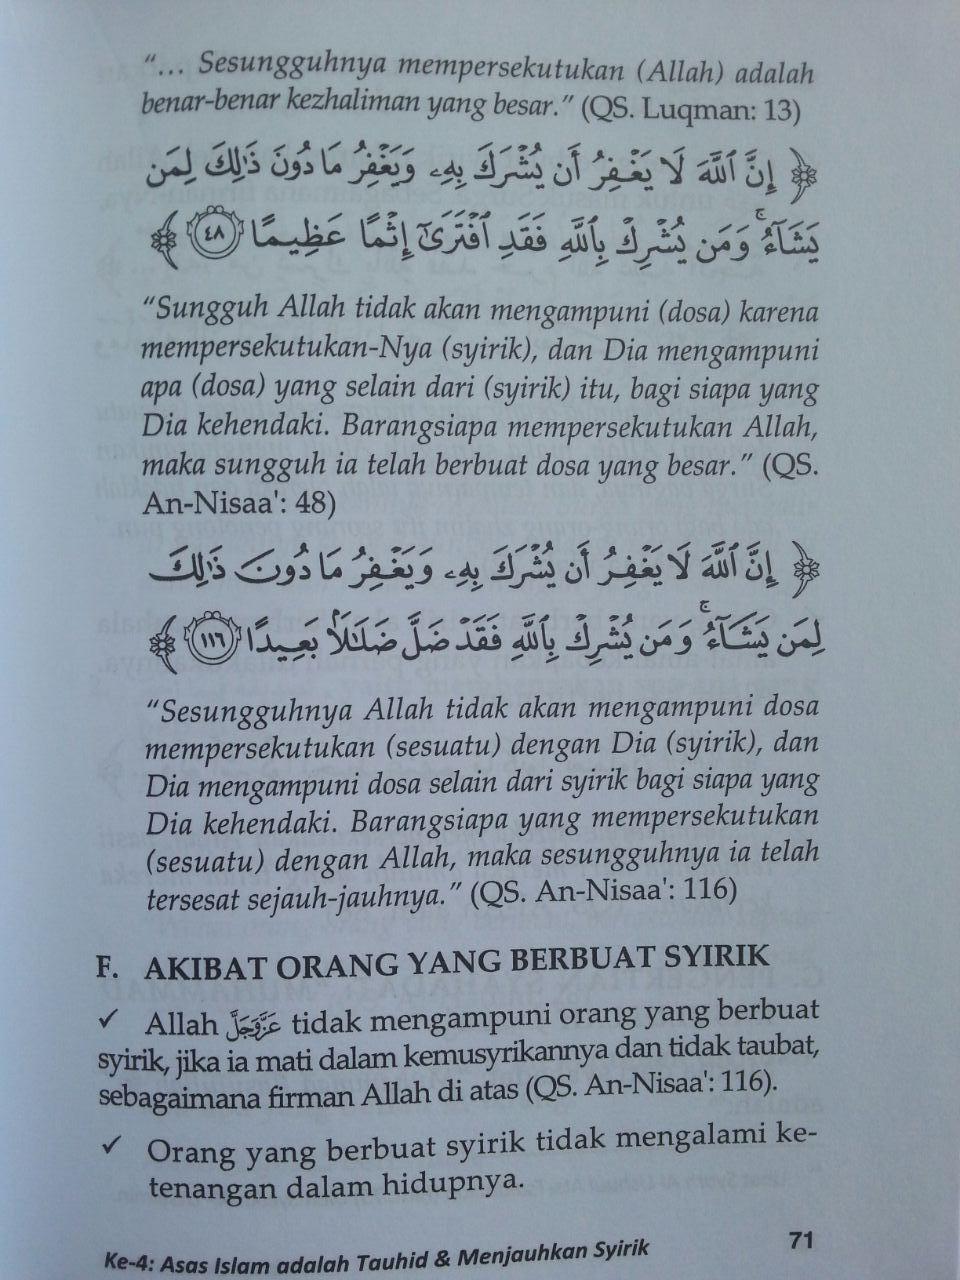 Buku Prinsip Dasar Islam Menurut Al-Qur'an Dan As-Sunnah isi 4